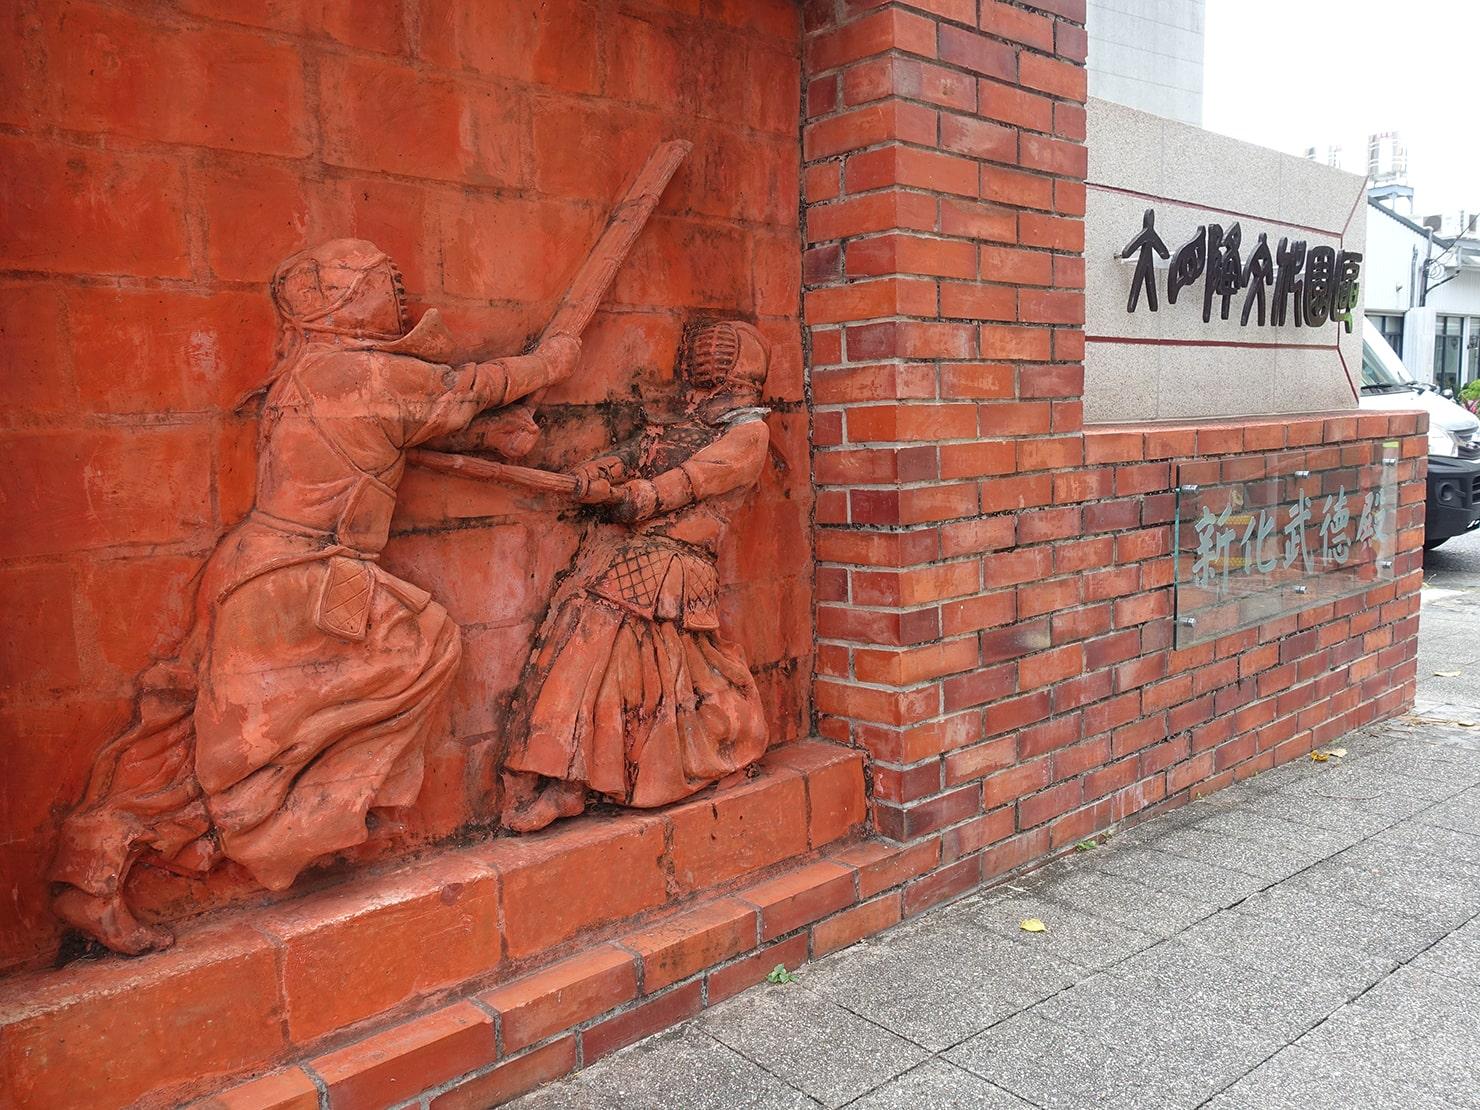 台南市街郊外のおすすめ観光スポット「新化武德殿」エントランスの壁